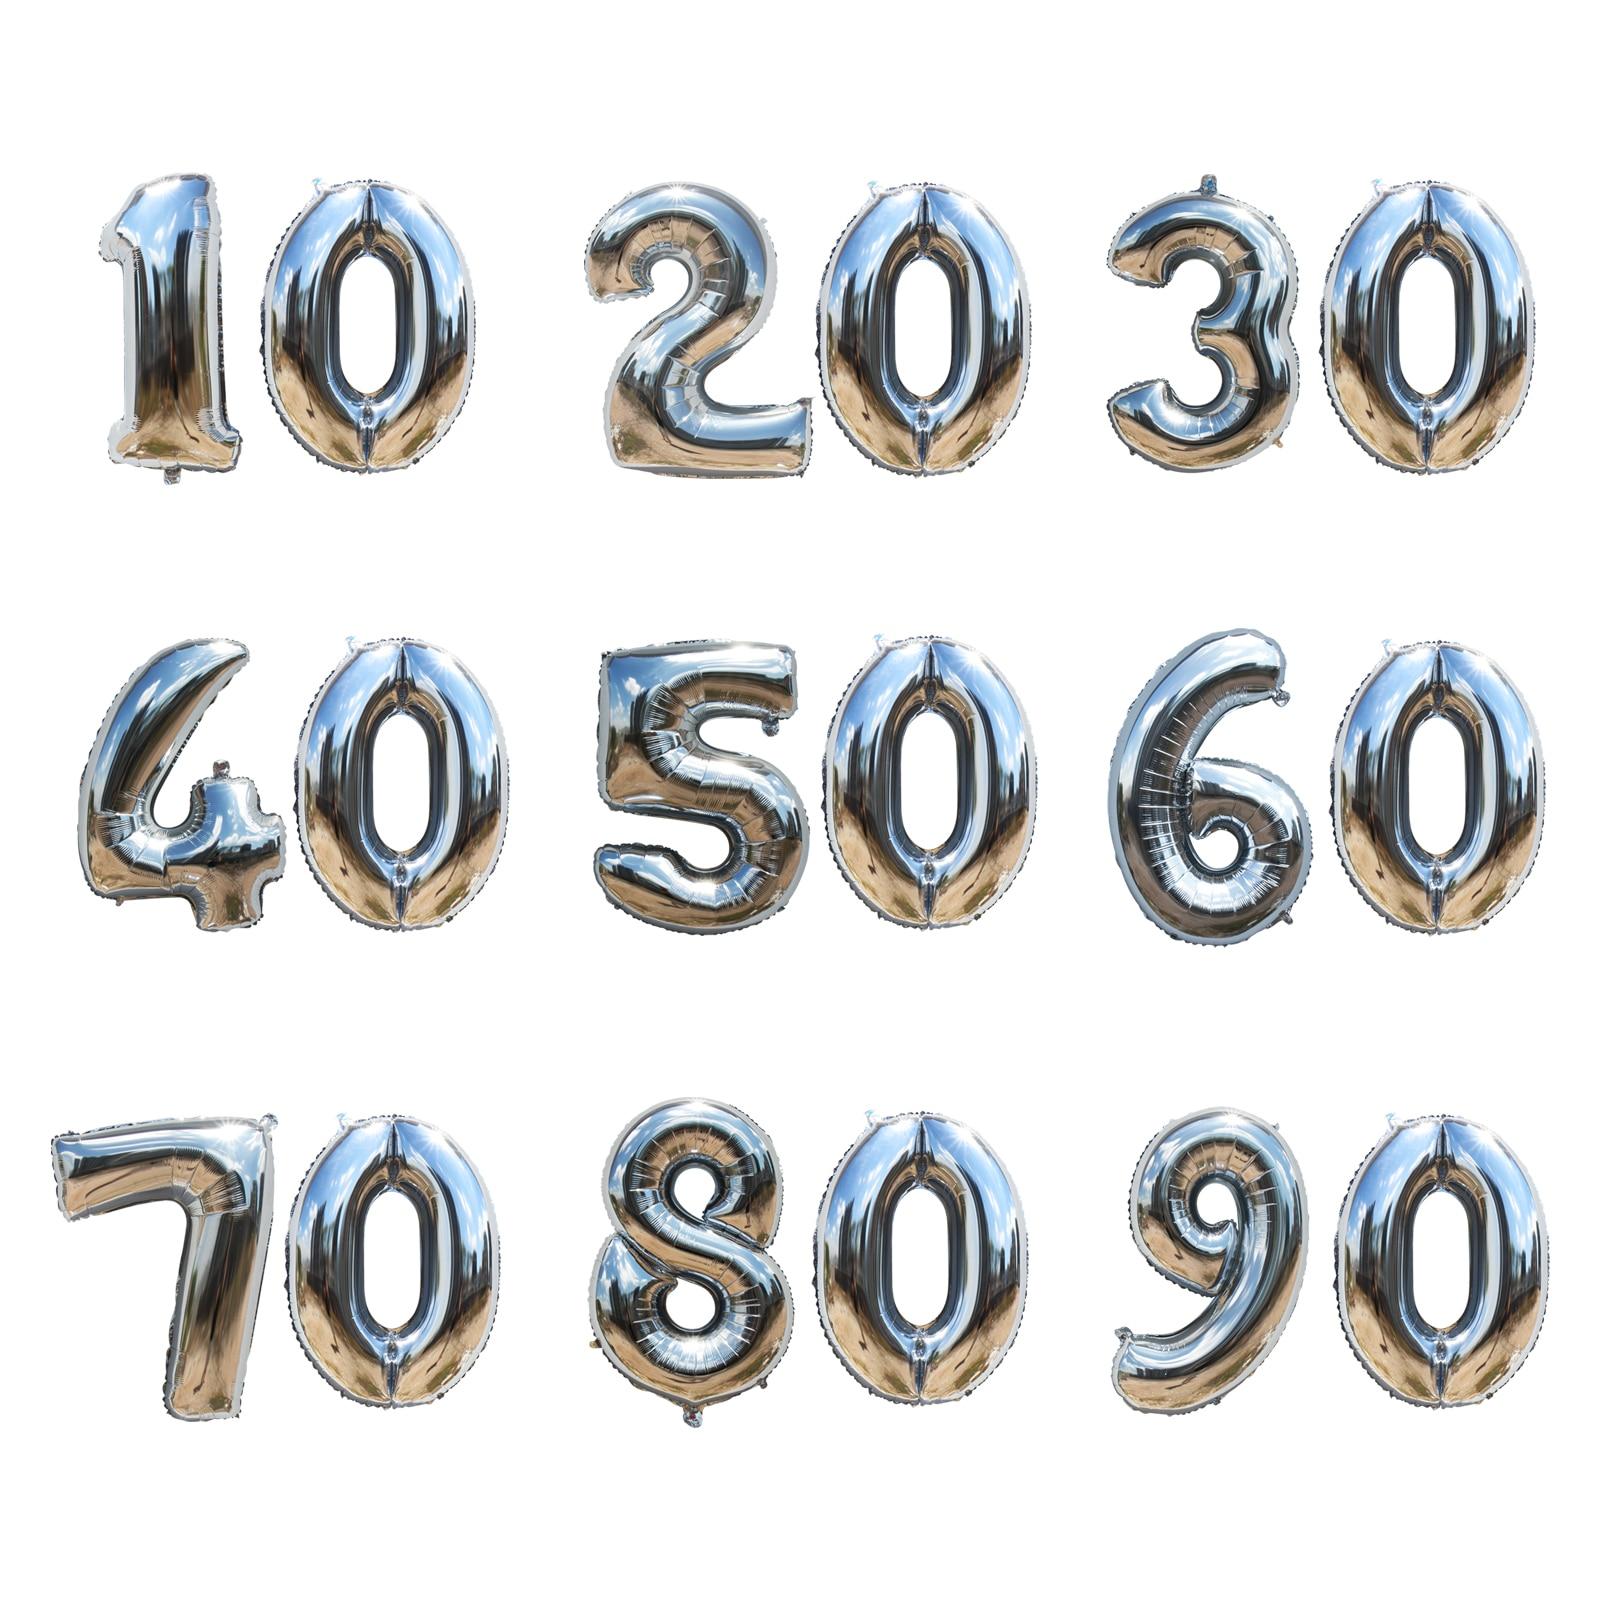 32 pouces or/argent nombre ballons en aluminium 10 20 30 40 50 60 70 80 90 ans anniversaire jour ballons fête bricolage décoration